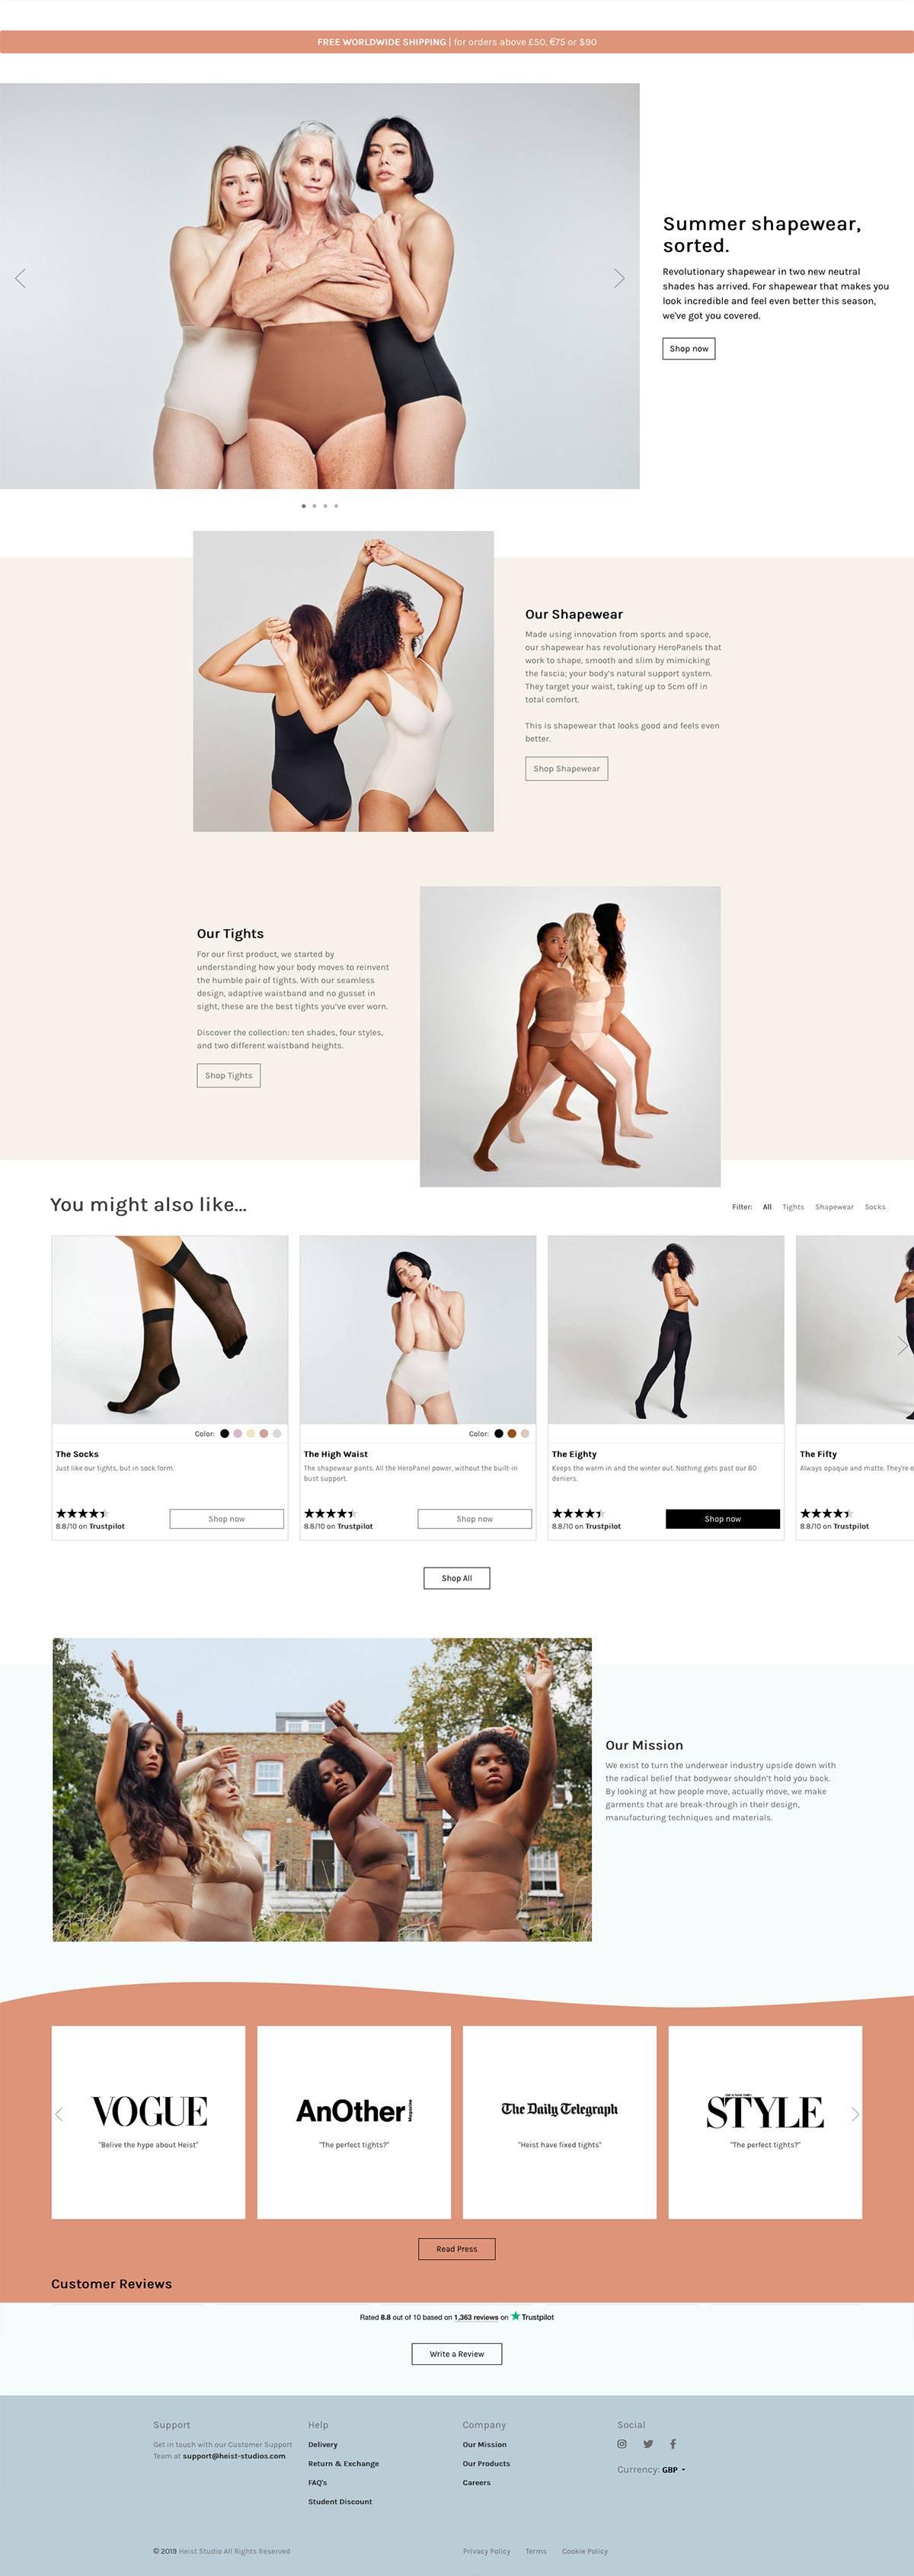 eCommerce website: Heist Studios